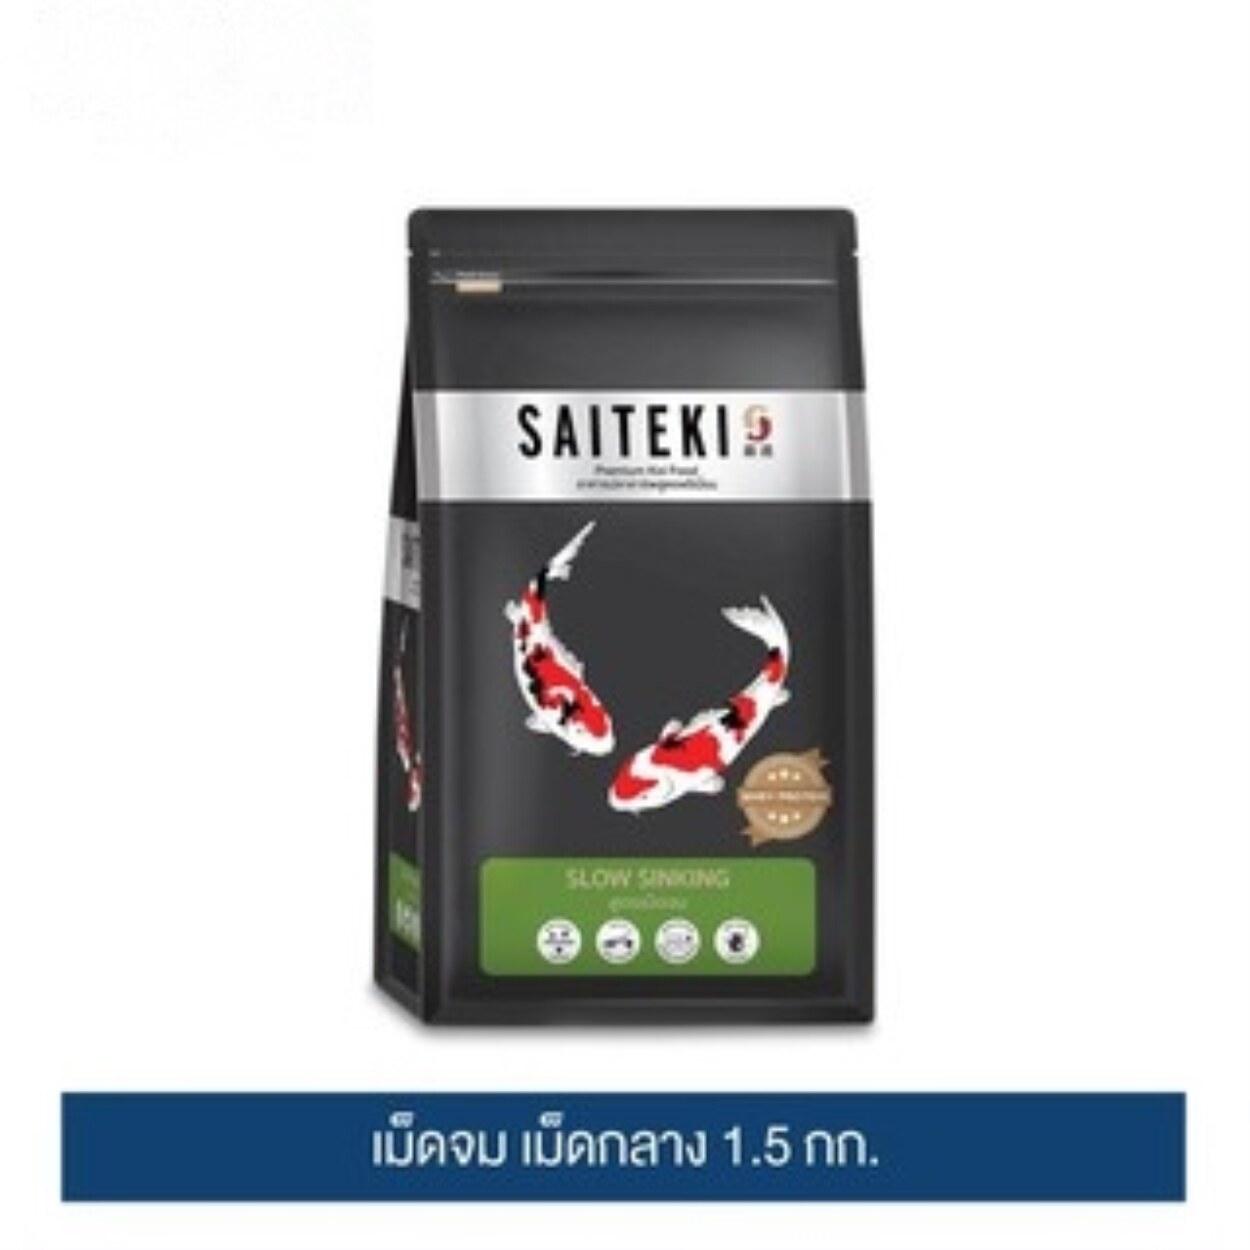 Fish feed ไซเตกิ อาหารปลาคาร์พ เม็ดจม เม็ดกลาง 1.5 กก. | SAITEKI Slow Sinking Medium Pellet 1.5kg.